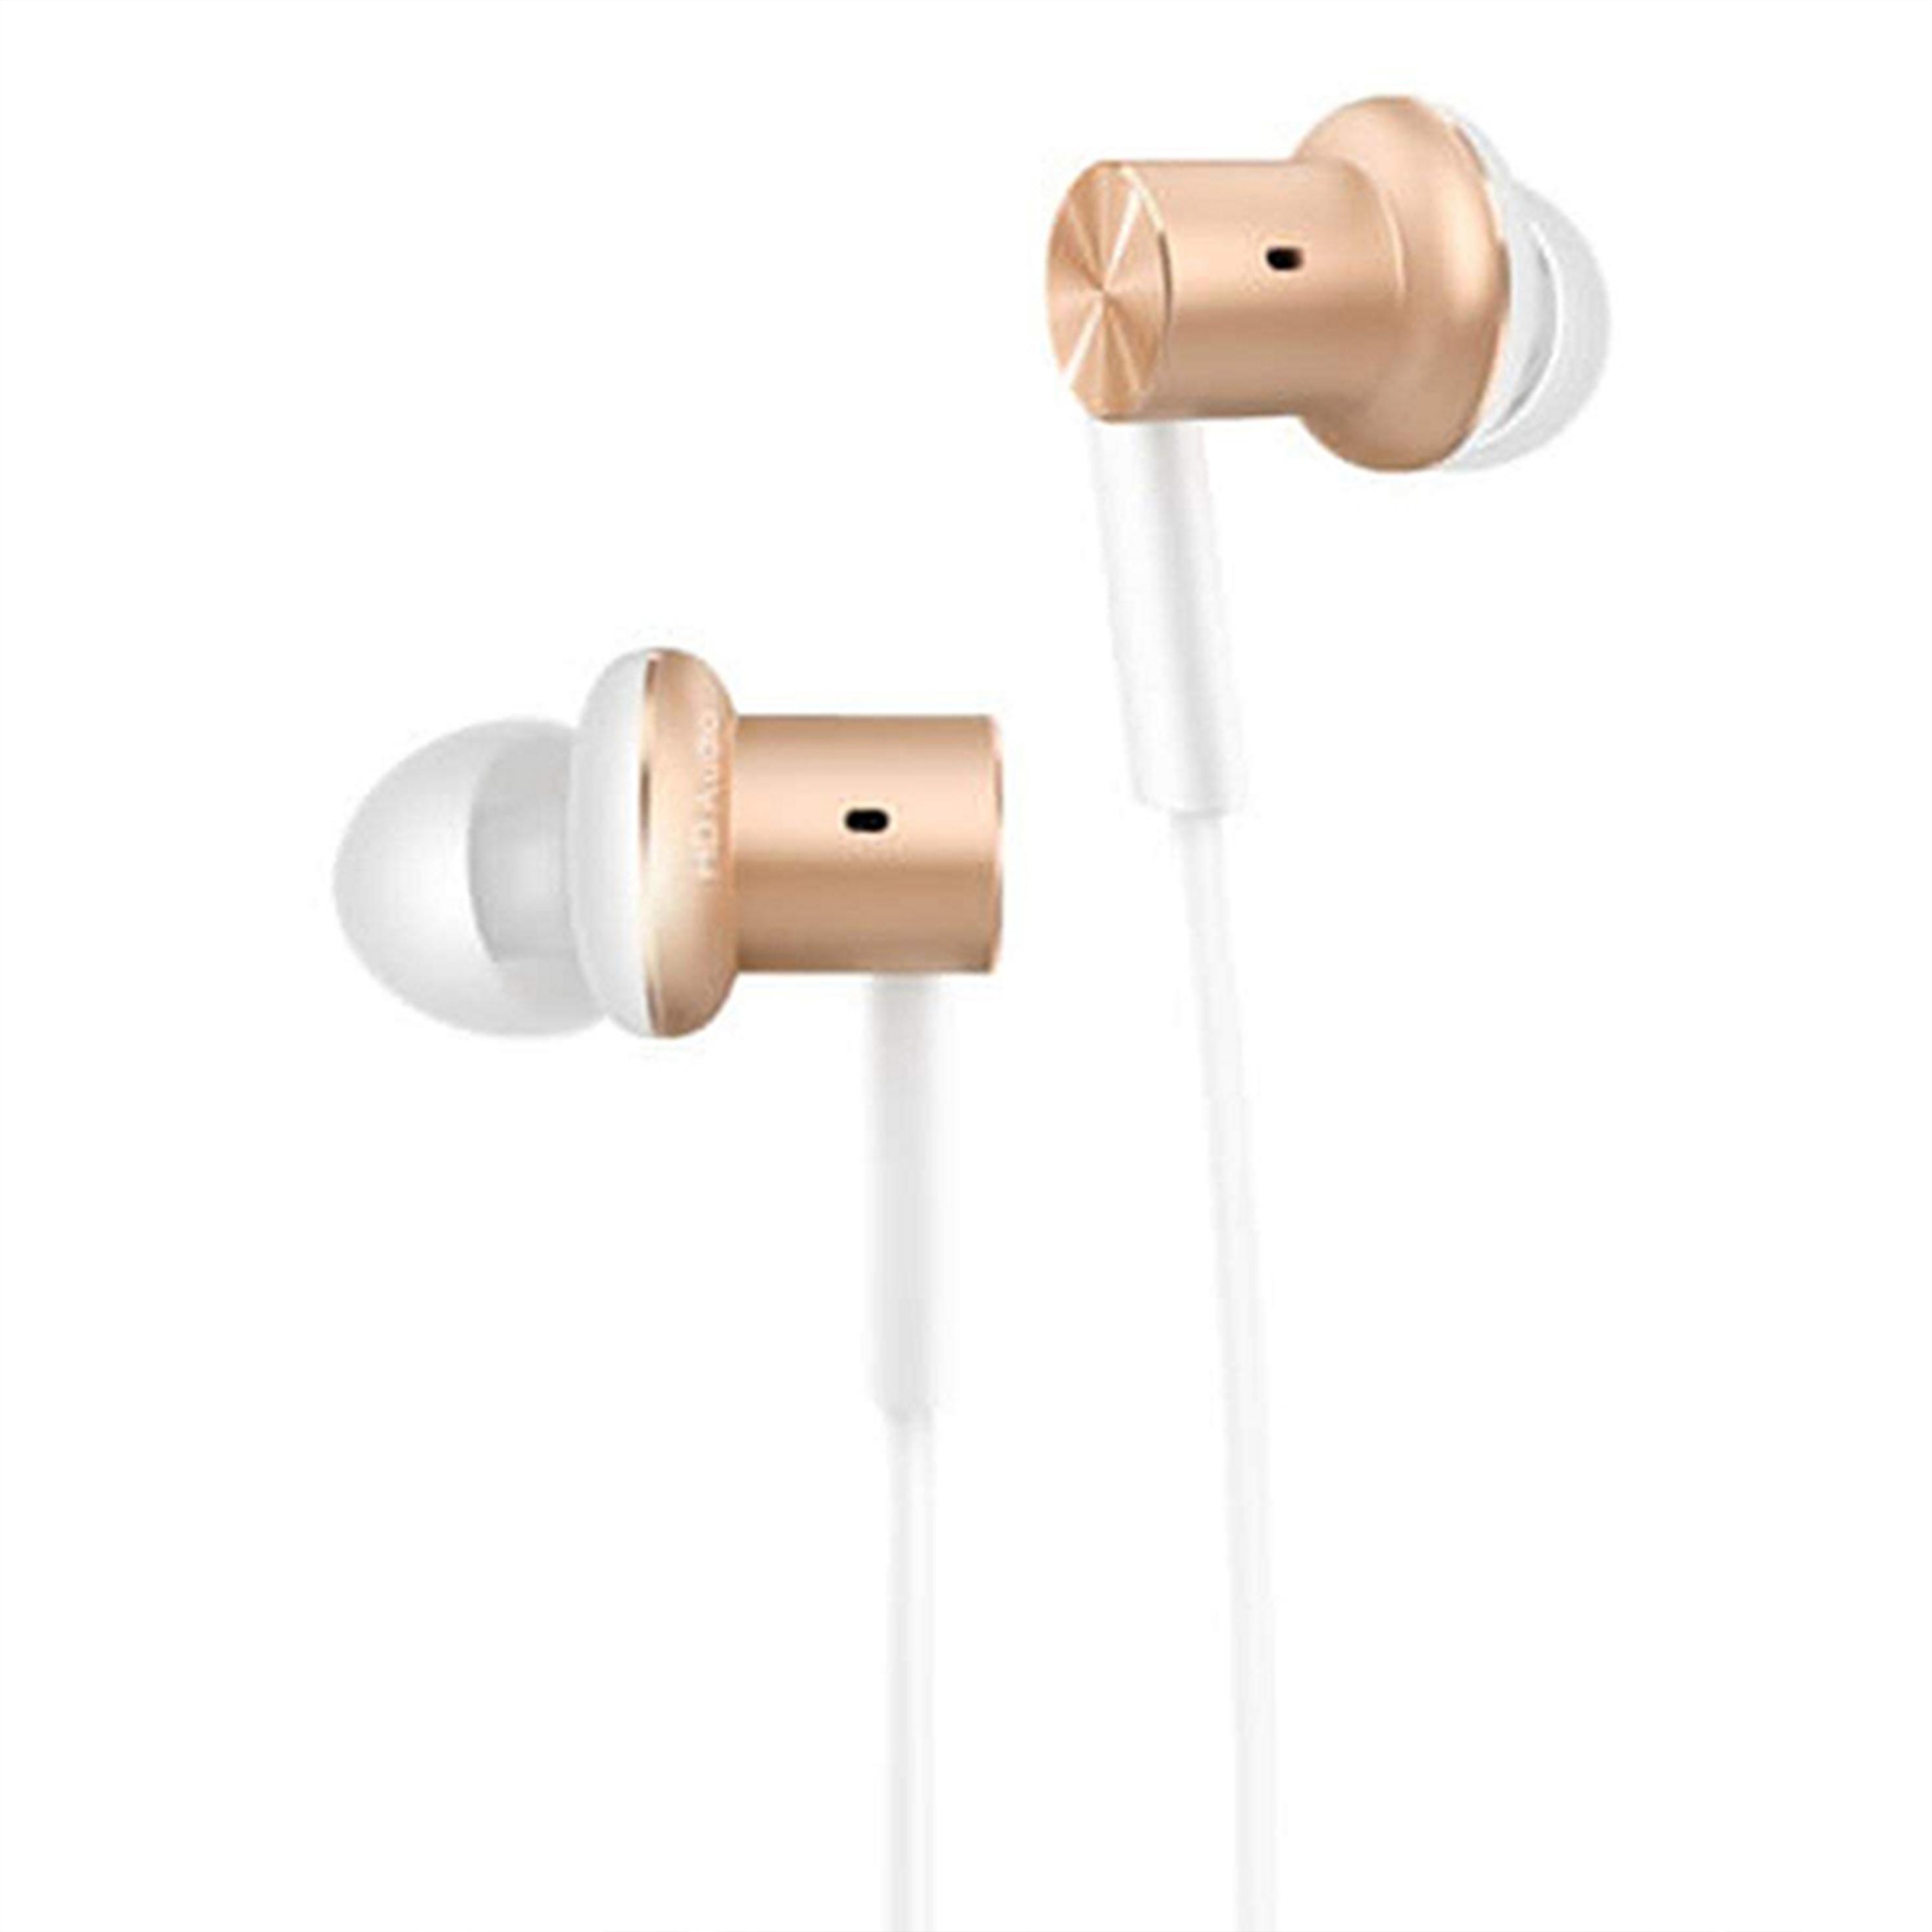 【正規品】Mi In-Ear earphone Pro (ゴールド)   Xiaomi イヤホン